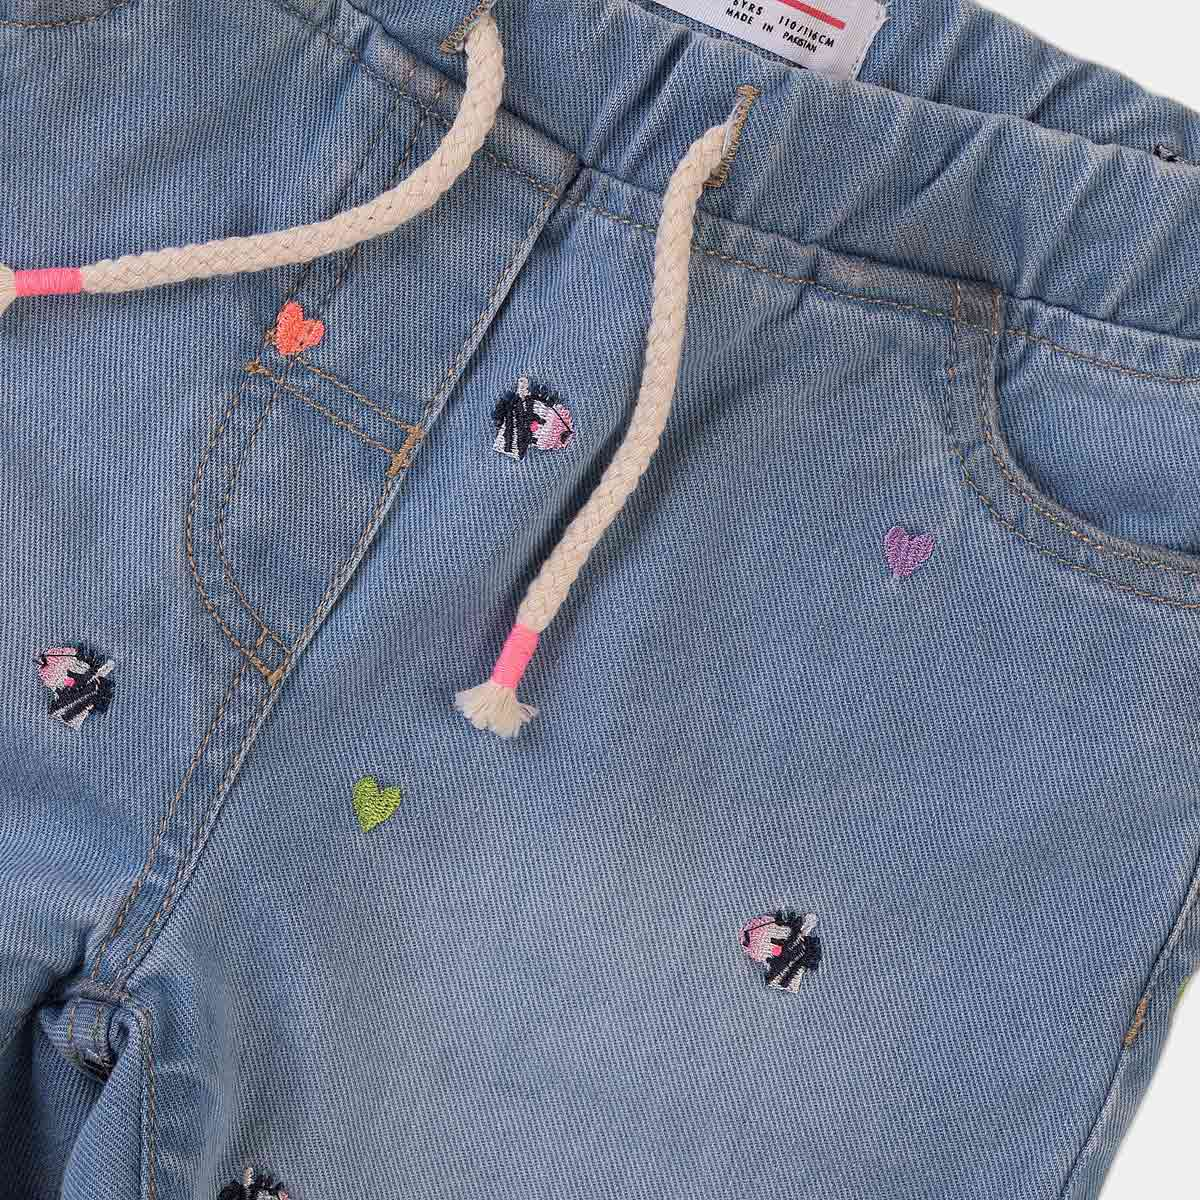 Дънкови къси панталони сърца